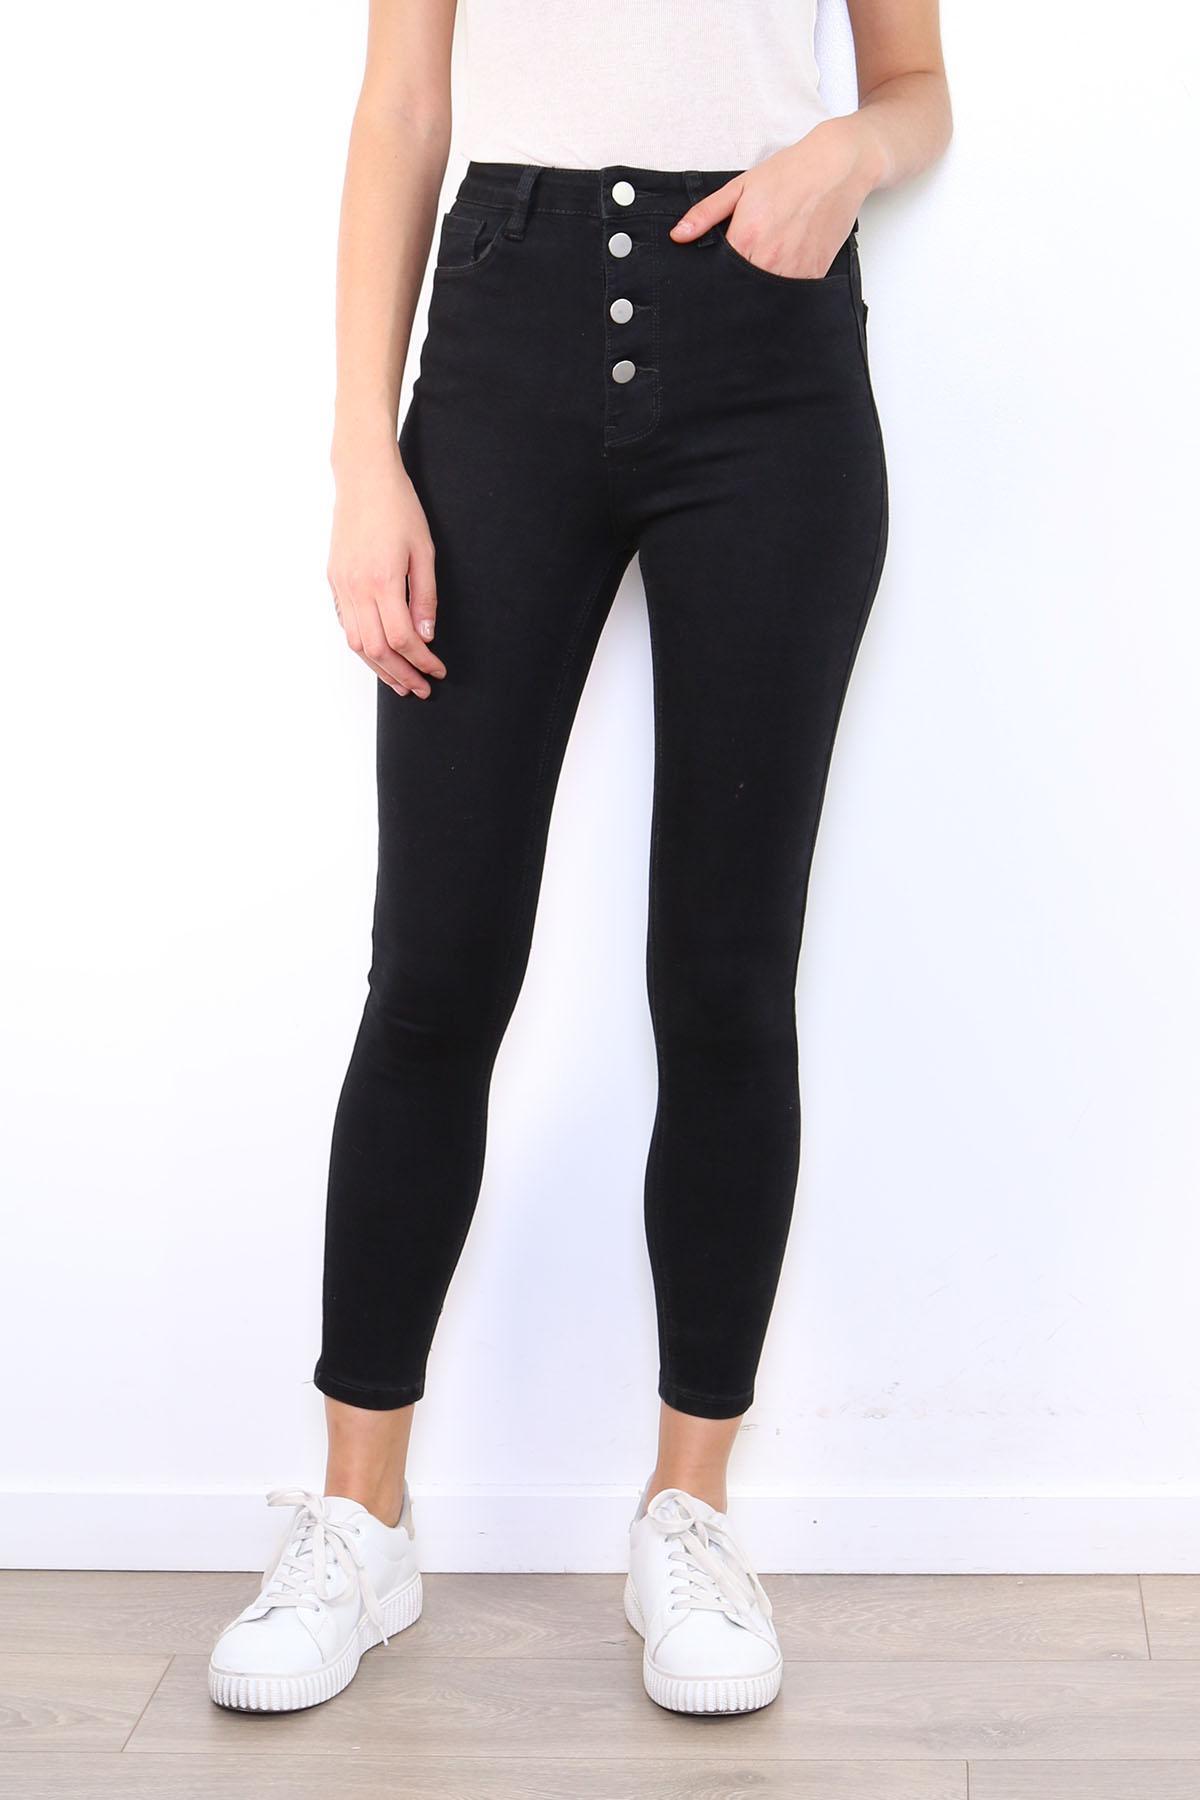 Jeans Femme 27960-NOIR Blue Rags